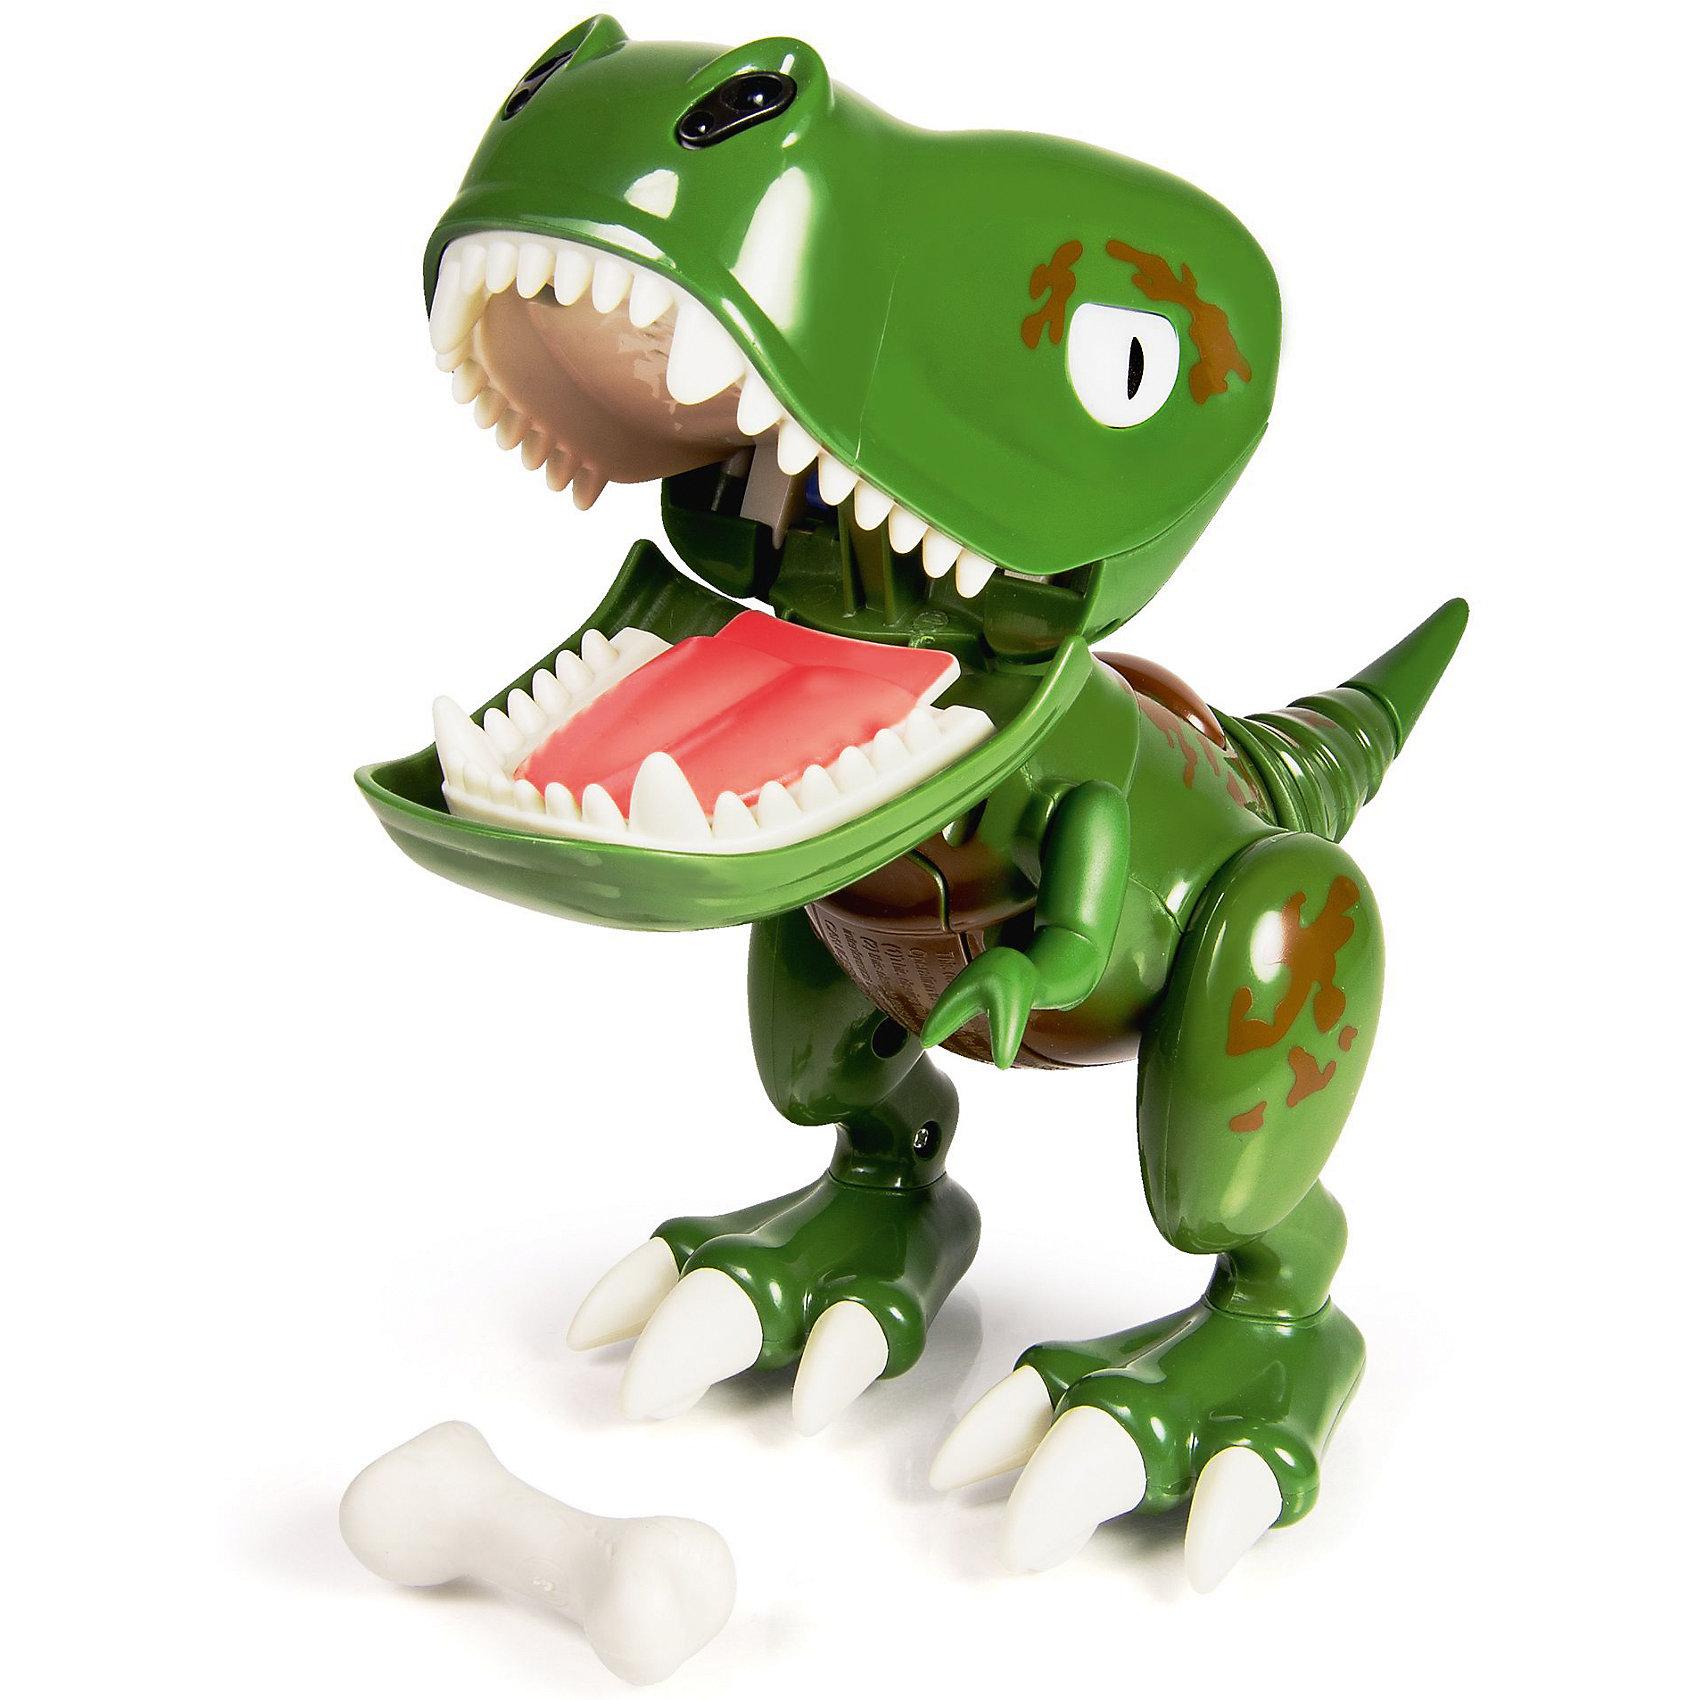 Интерактивный детёныш динозавра Dino Zoomer, Spin Master, в ассортиментеНастоящий детеныш динозавра у вас дома! Дети придут в восторг от такой замечательной игрушки! Глаза динозавра меняют цвет в зависимости от настроения и режима игры. Малыш выглядит и ведет себя как настоящий динозавр, он чавкает, рычит, сопит, смеётся.  Потяни его за хвост, и он разозлится. Поиграй с Дино - в комплекте  идёт специальный аксессуар. Бросай его в рот Дино. Если попадешь, он закроет рот, если промахнешься, Дино будет над тобой смеяться. Не дай ему откусить твой палец – игра на скорость реакции: успей вынуть палец изо рта Дино, пока он тебя не укусил. Дино еще маленький и не научился ходить: передвигай его рукой сам. Но зато малыш - динозавр уже умеет защищать себя и своего хозяина: он будет рычать, если что-то будет приближаться близко к нему.  <br><br>Дополнительная информация:<br><br>- Материал: пластик. <br>- Элемент питания: 3 ААА батарейки (не входят в комплект)<br>- Световые и звуковые эффекты.<br>- Встроенный ИК датчик.<br>- Цвет глаз изменяется.<br>- Косточка в комплекте.<br><br>Внимание! Цвет в ассортименте. К сожалению, выбрать конкретный вариант невозможно.<br><br>Интерактивного детёныша динозавра Dino Zoomer, Spin Master (Спин Мастер), можно купить в нашем магазине.<br><br>Ширина мм: 256<br>Глубина мм: 179<br>Высота мм: 140<br>Вес г: 471<br>Возраст от месяцев: 36<br>Возраст до месяцев: 108<br>Пол: Мужской<br>Возраст: Детский<br>SKU: 4038023